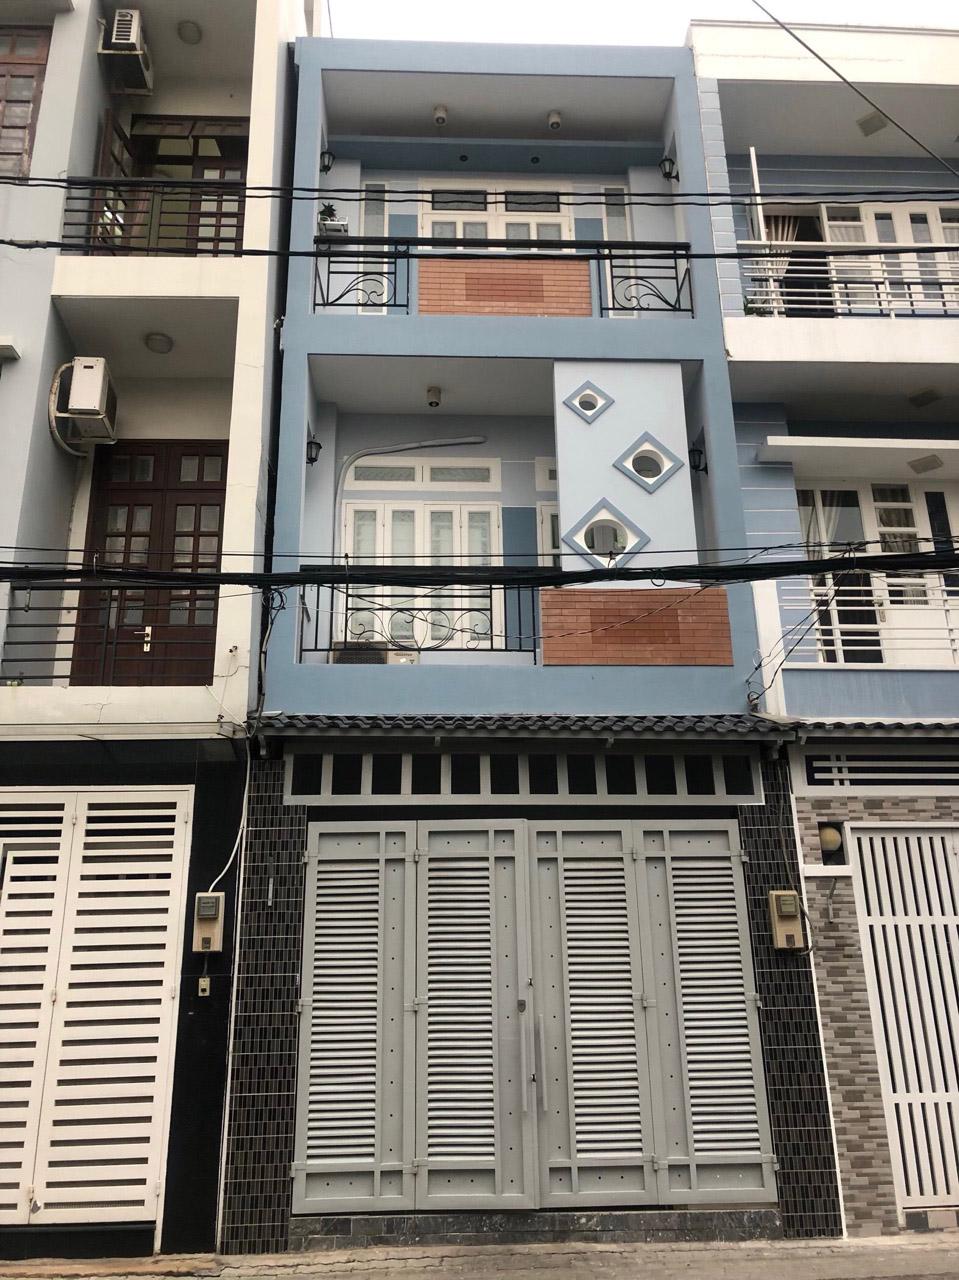 Bán nhà đường 15, khu Lâm Văn Bền - cư xá Ngân hàng, phường Tân Thuận Tây, quận 7.